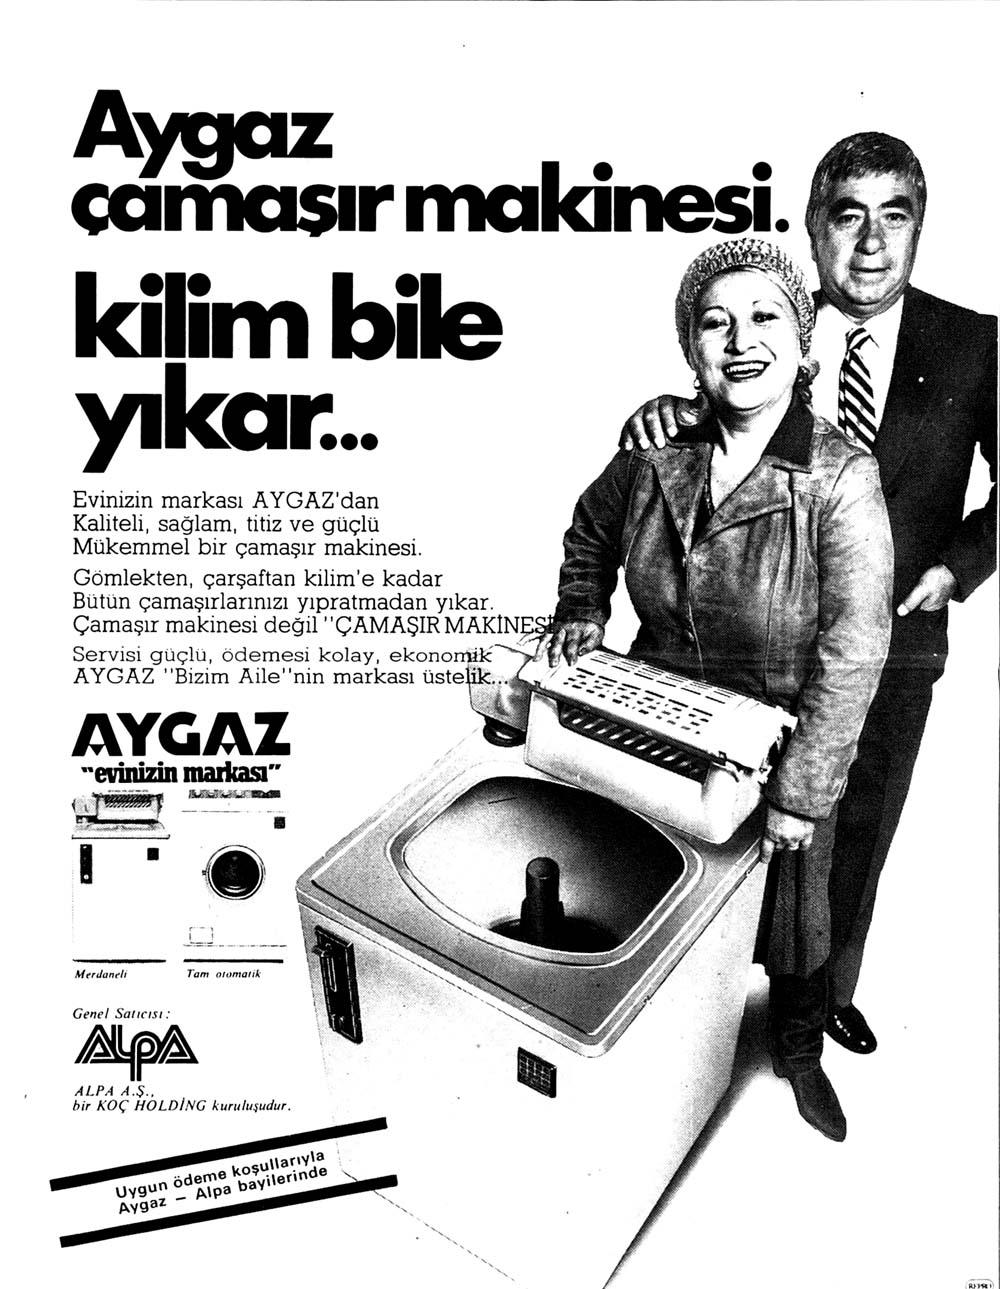 Aygaz çamaşır makinesi kilim bile yıkar...